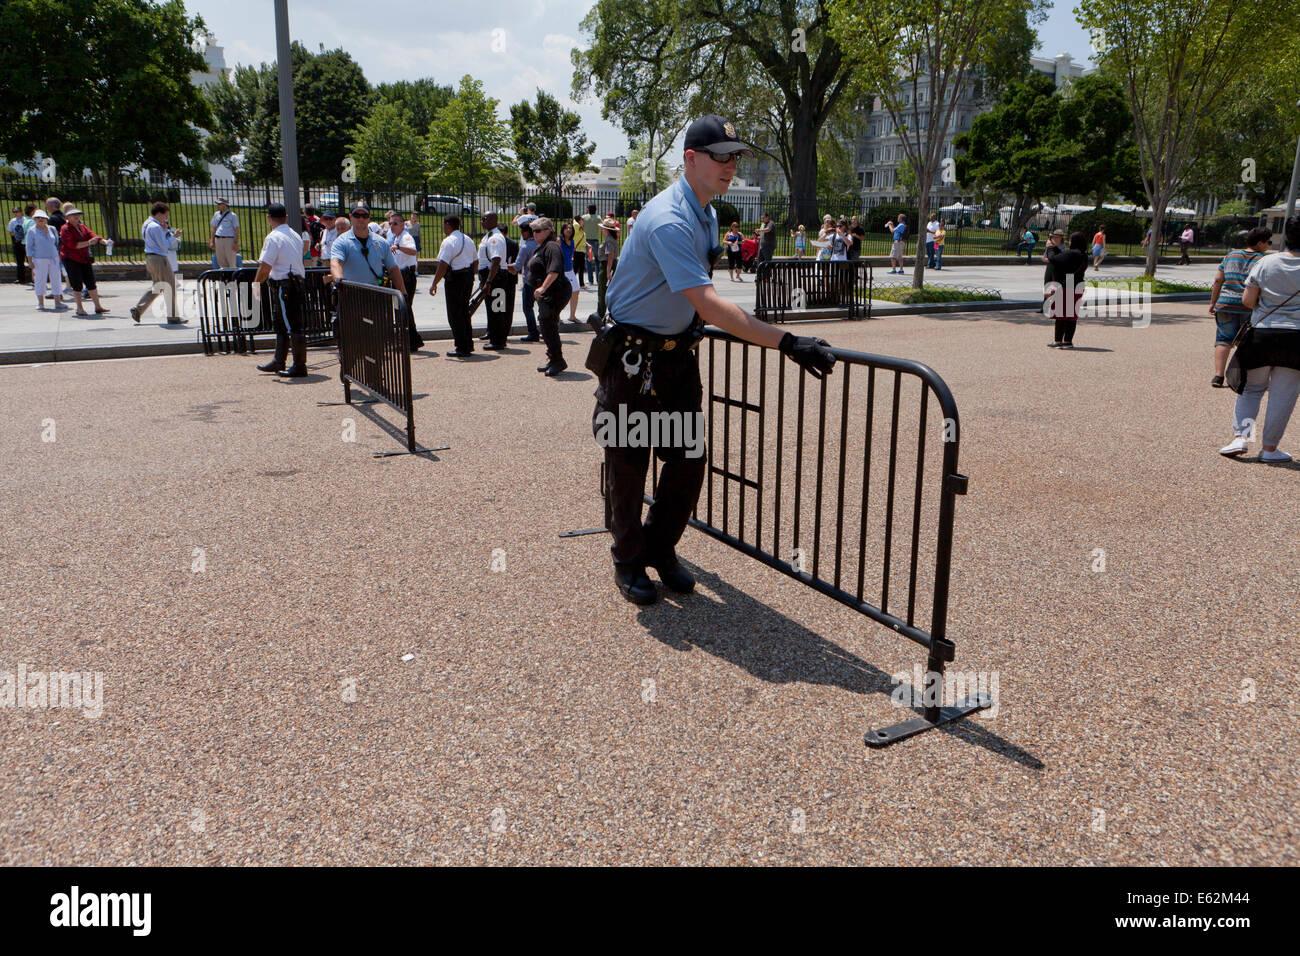 Police moving barricade fences - Washington, DC USA - Stock Image